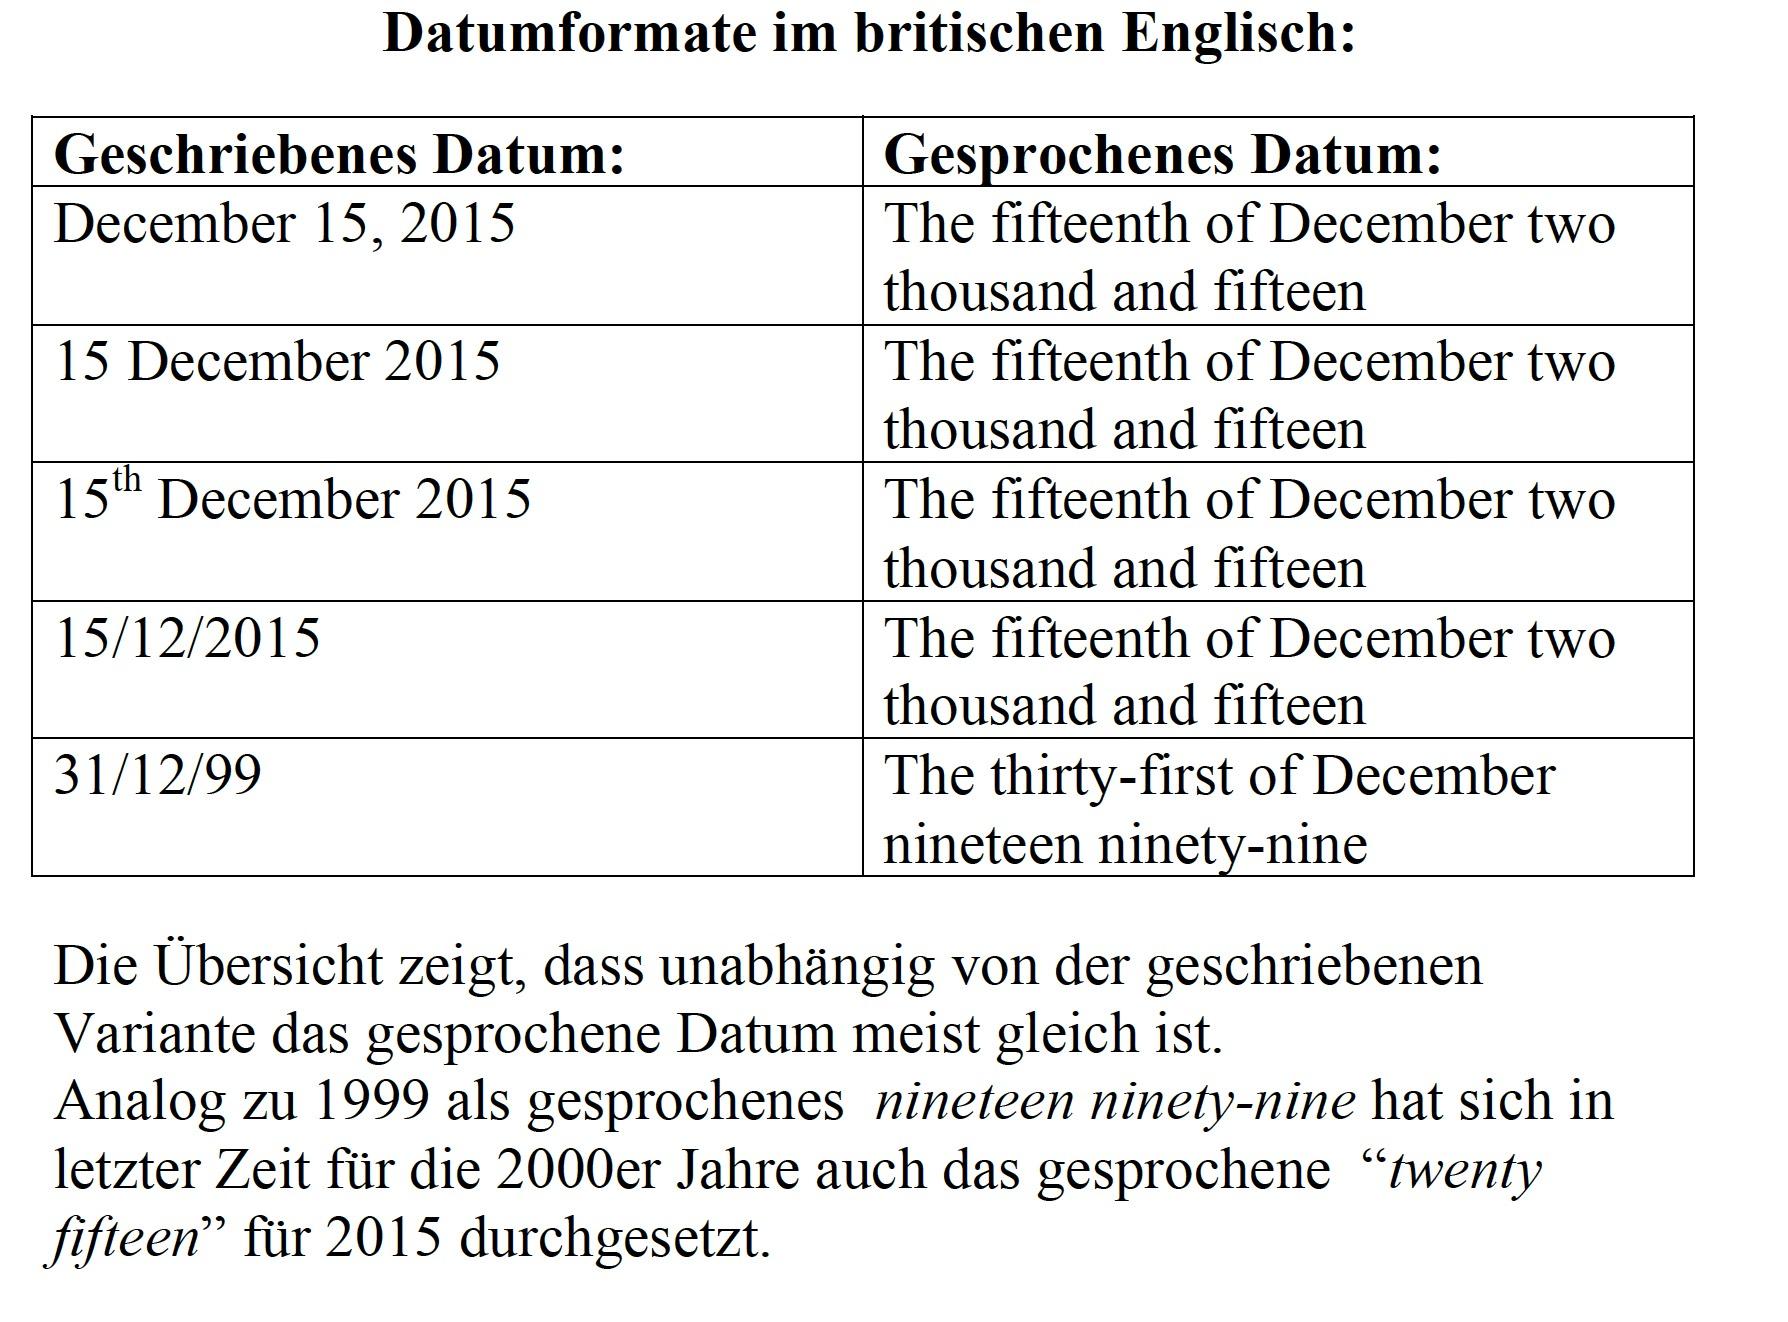 EG3_U3_Date_format1a